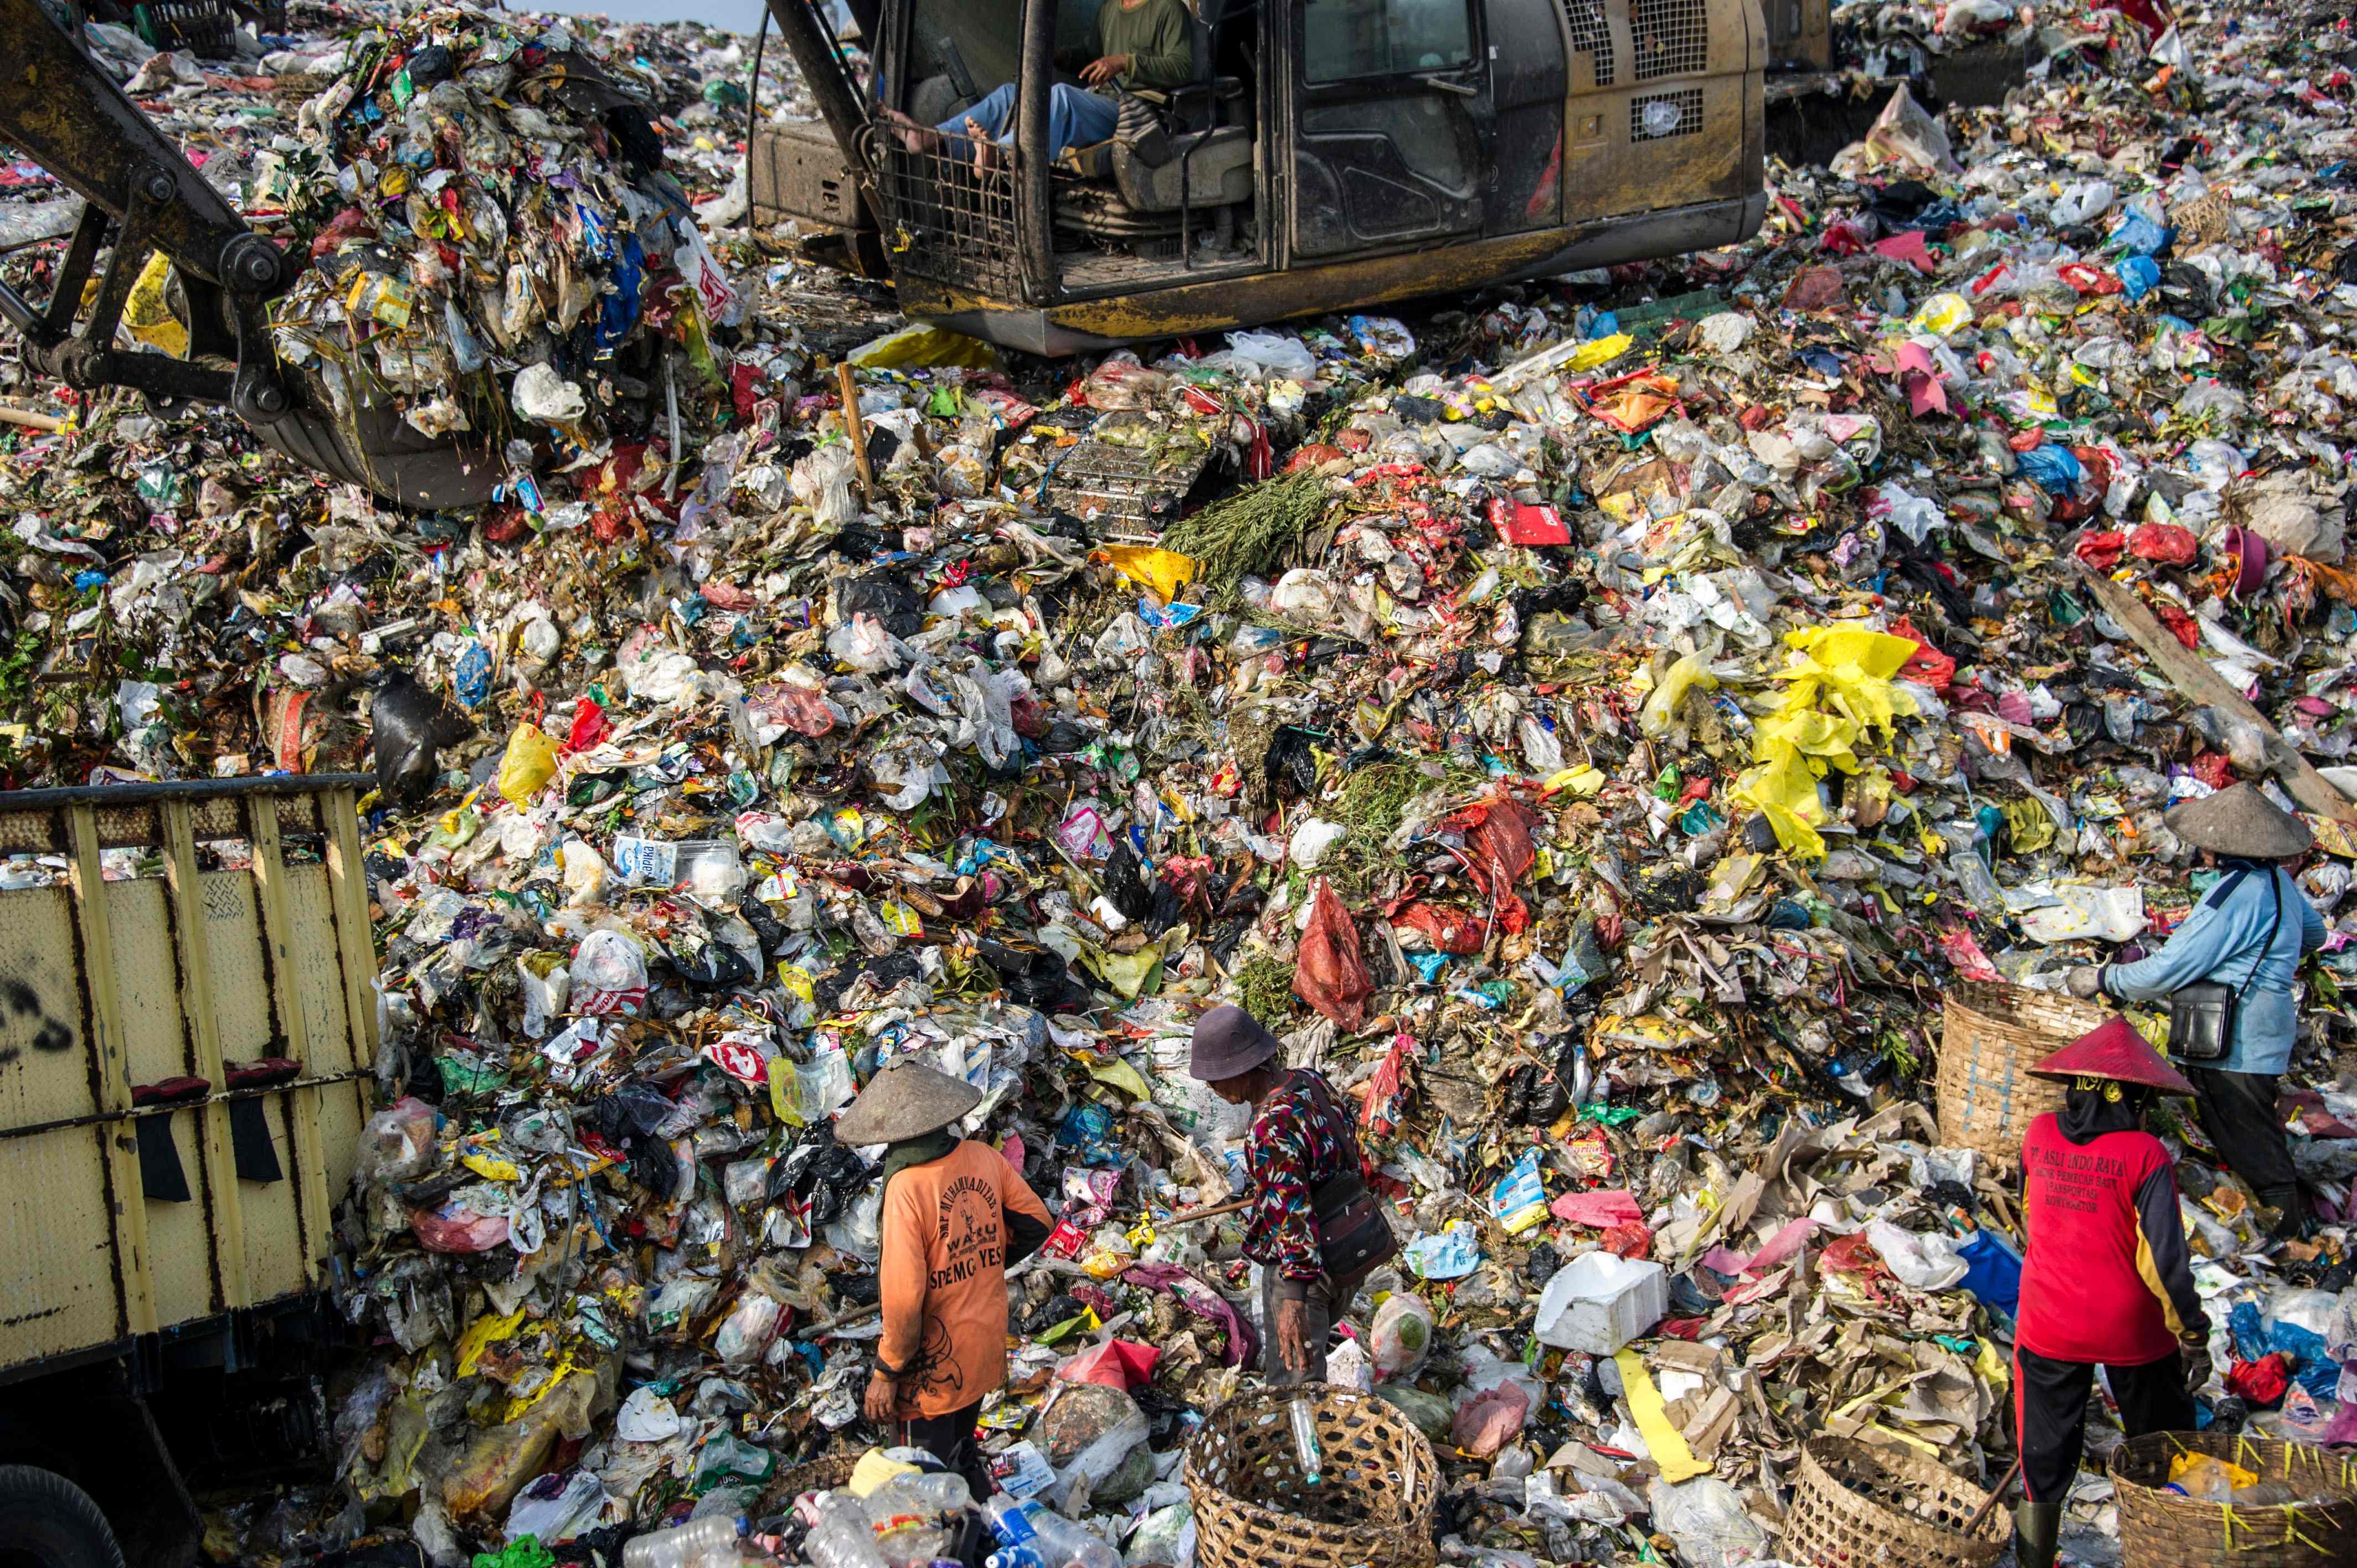 INDONESIA-ENVIRONMENT-PLASTIC